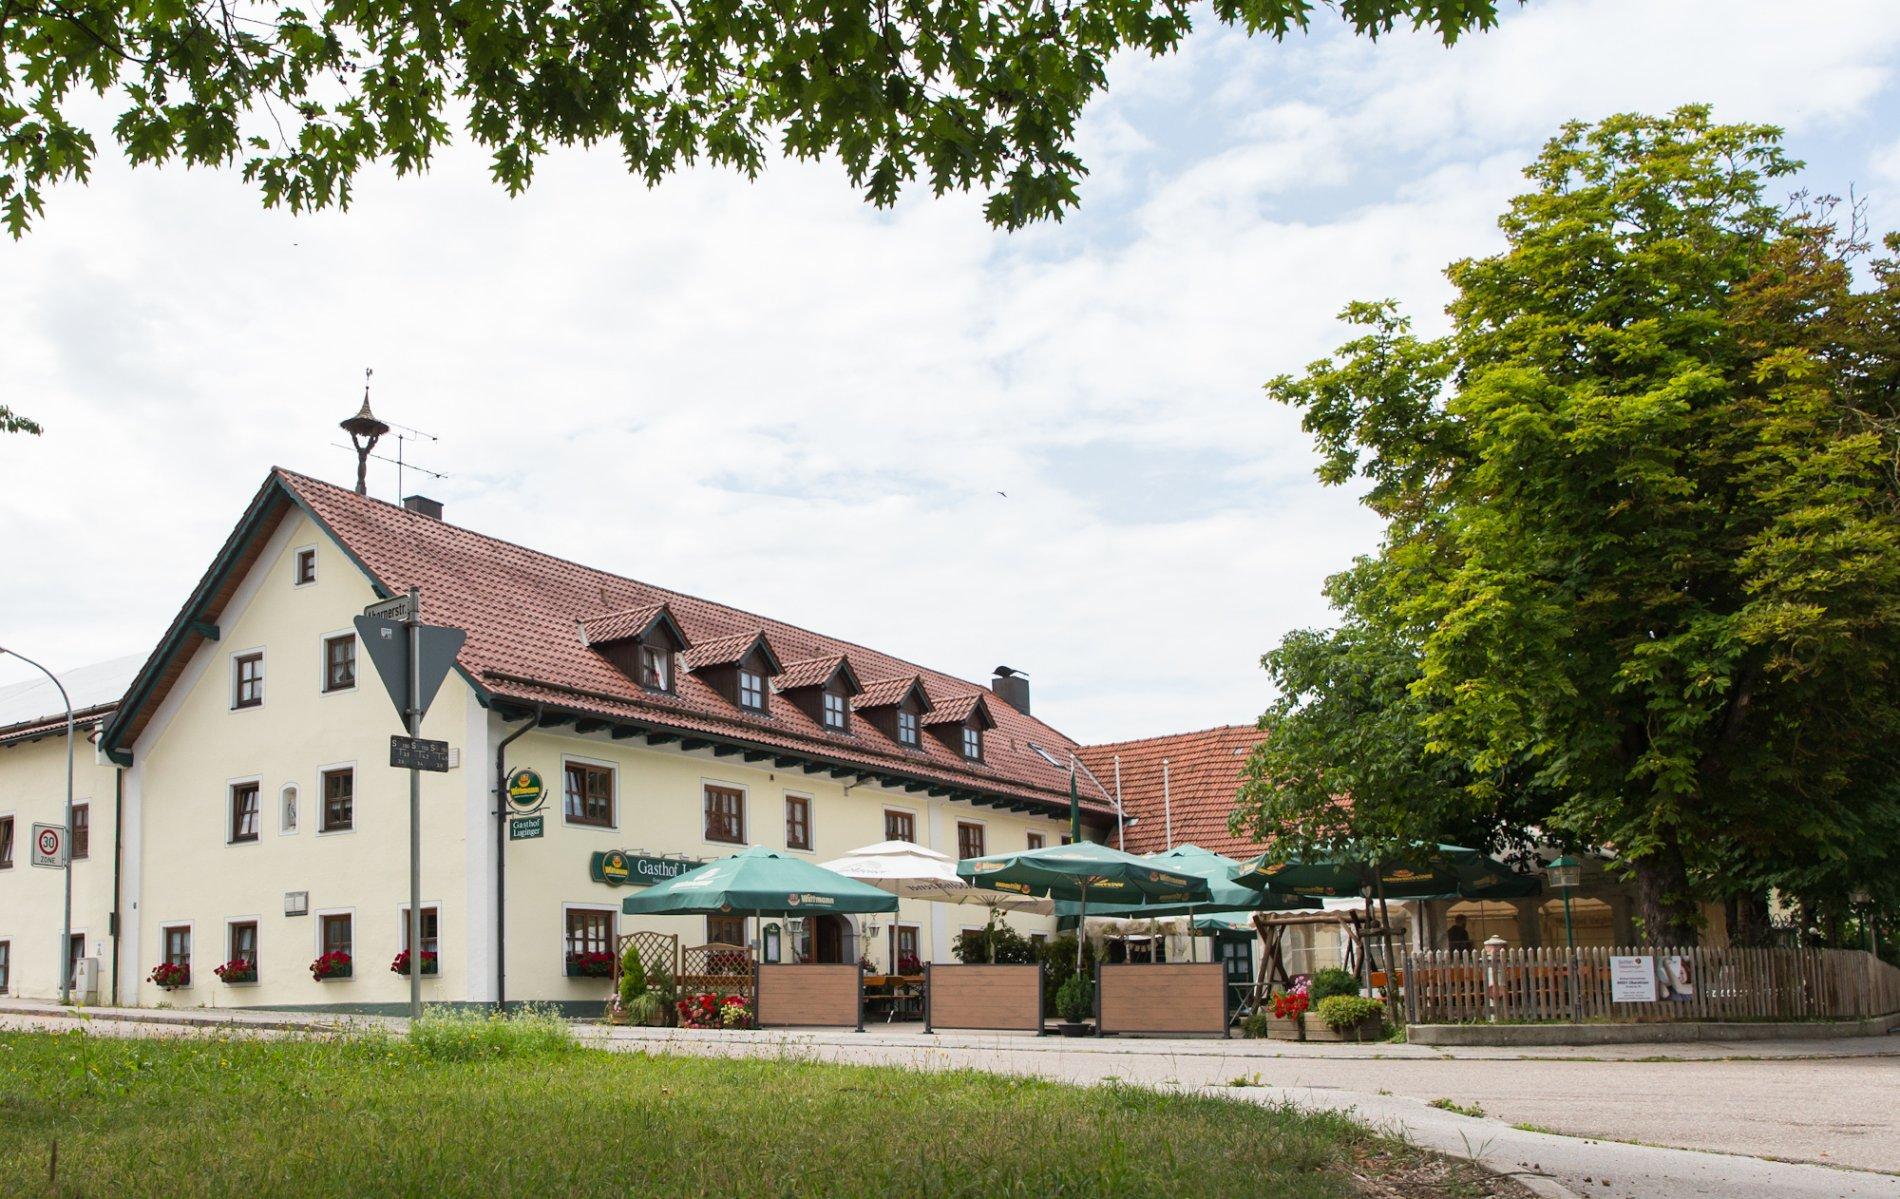 Landgasthof Luginger